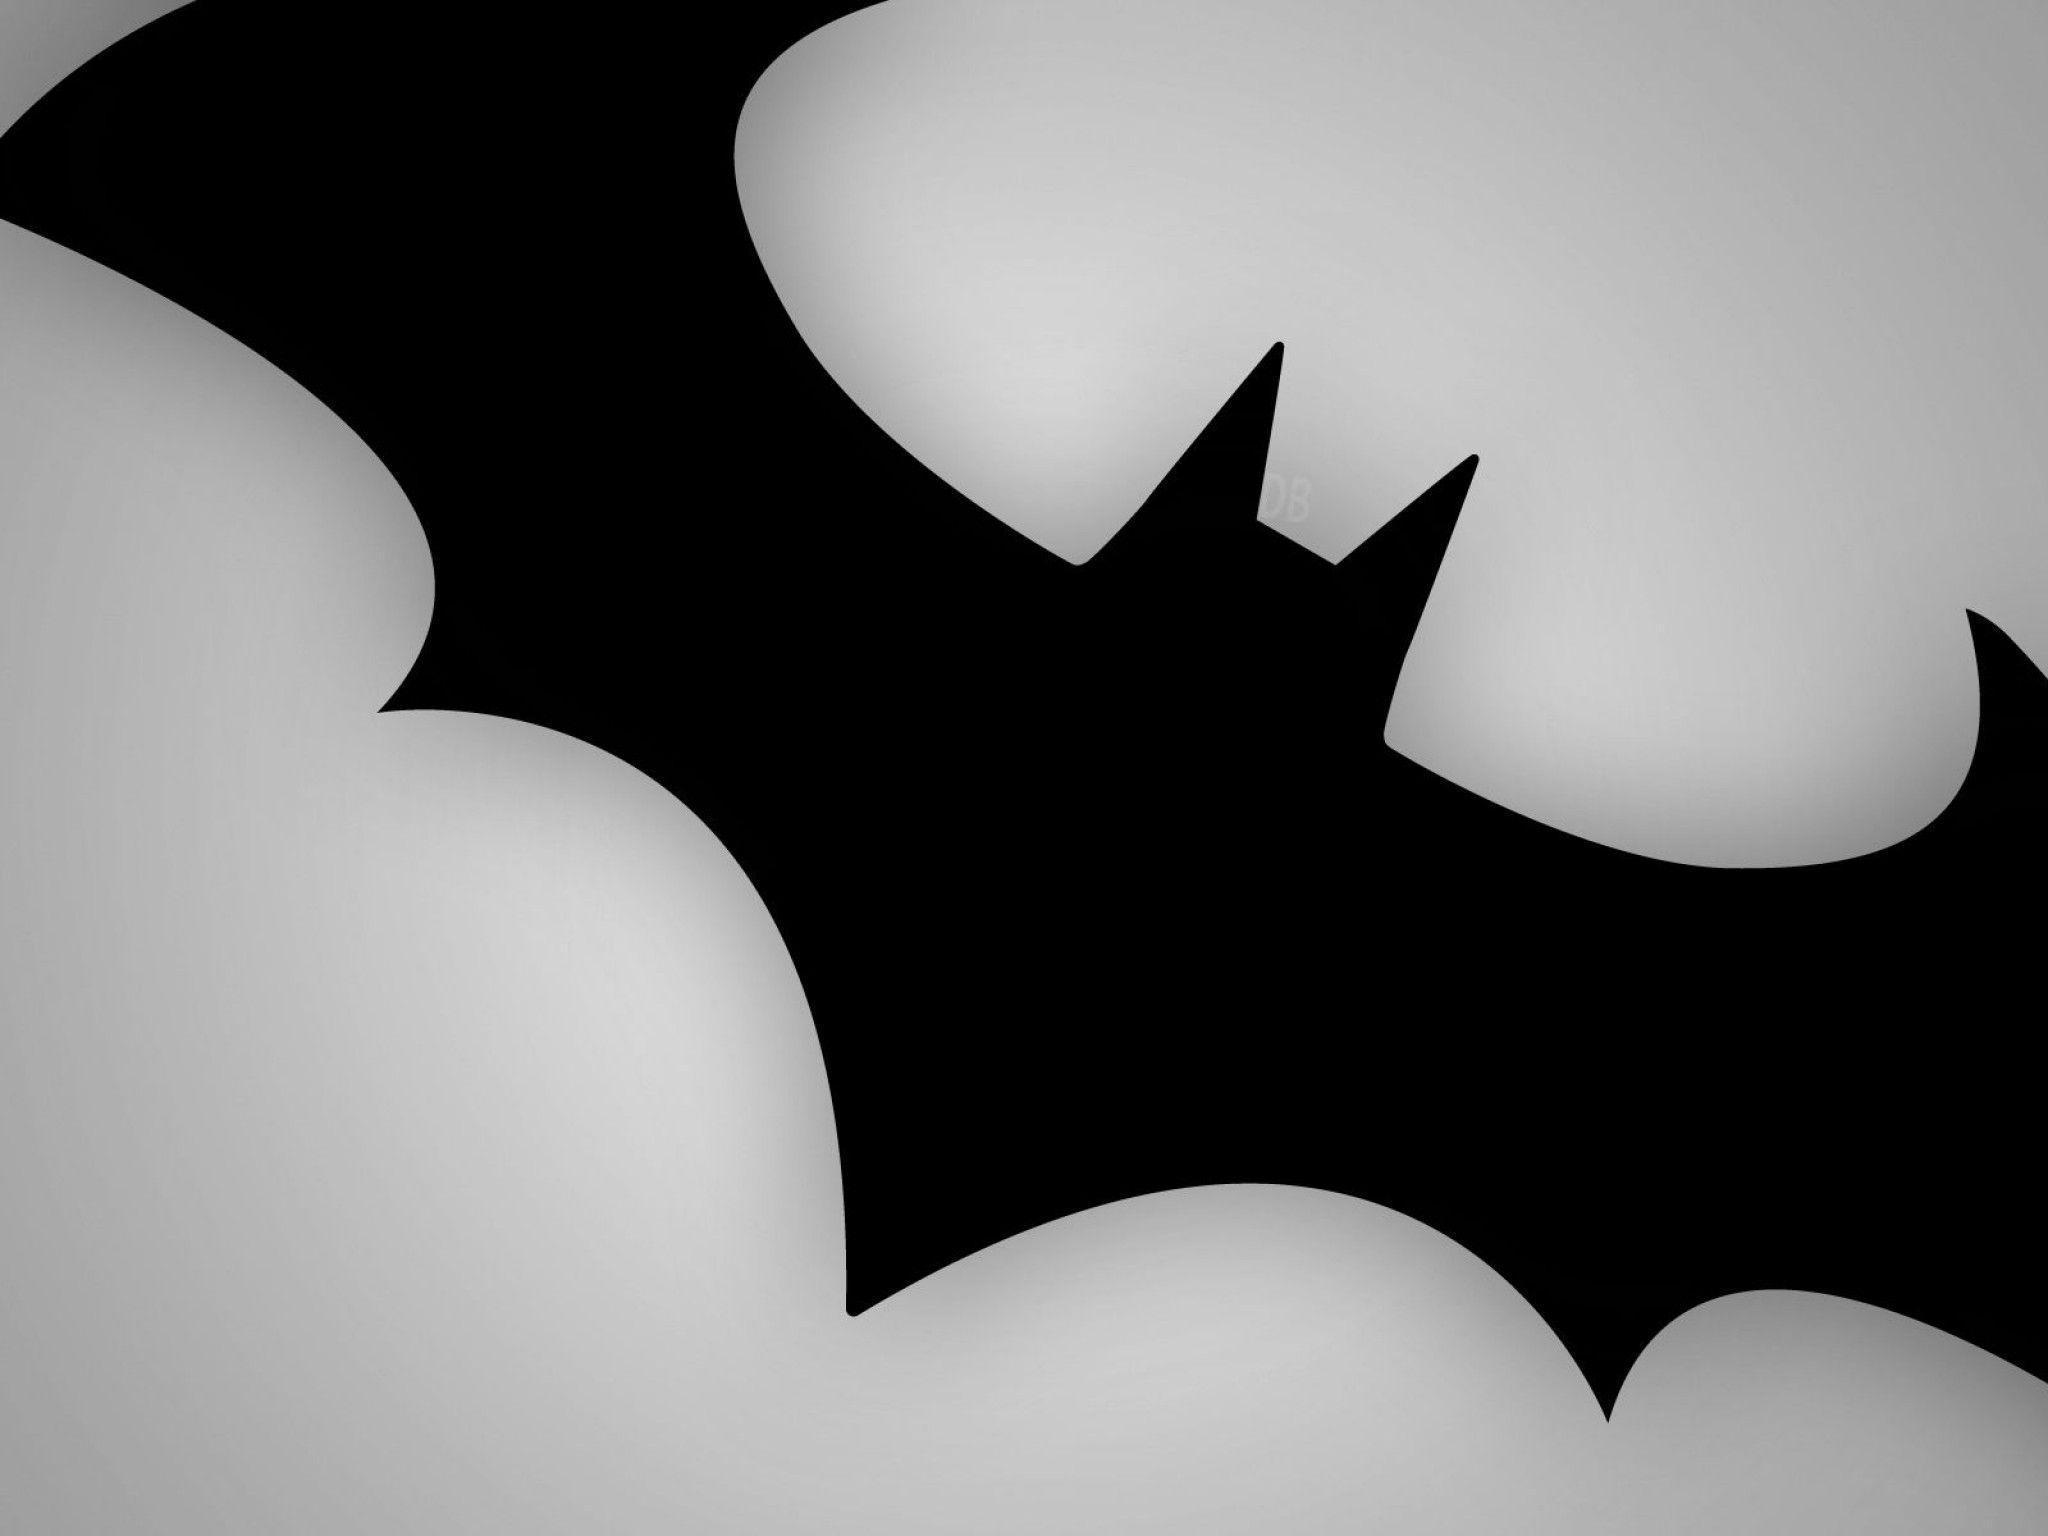 bat cave decal wallpaper - photo #49